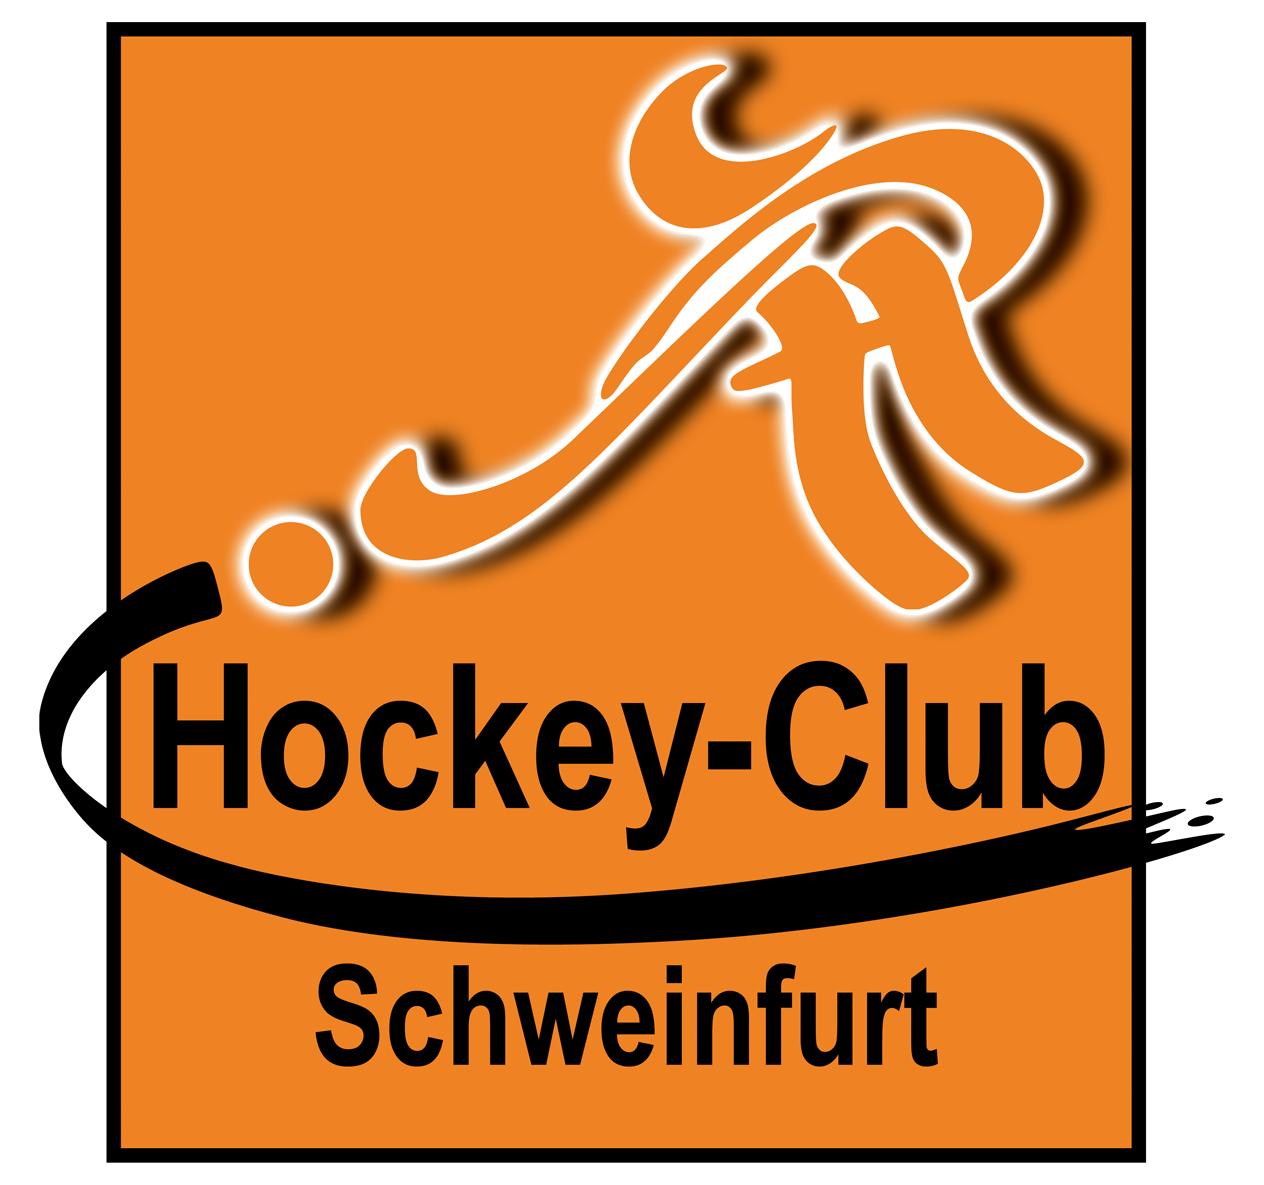 hockey club schweinfurt